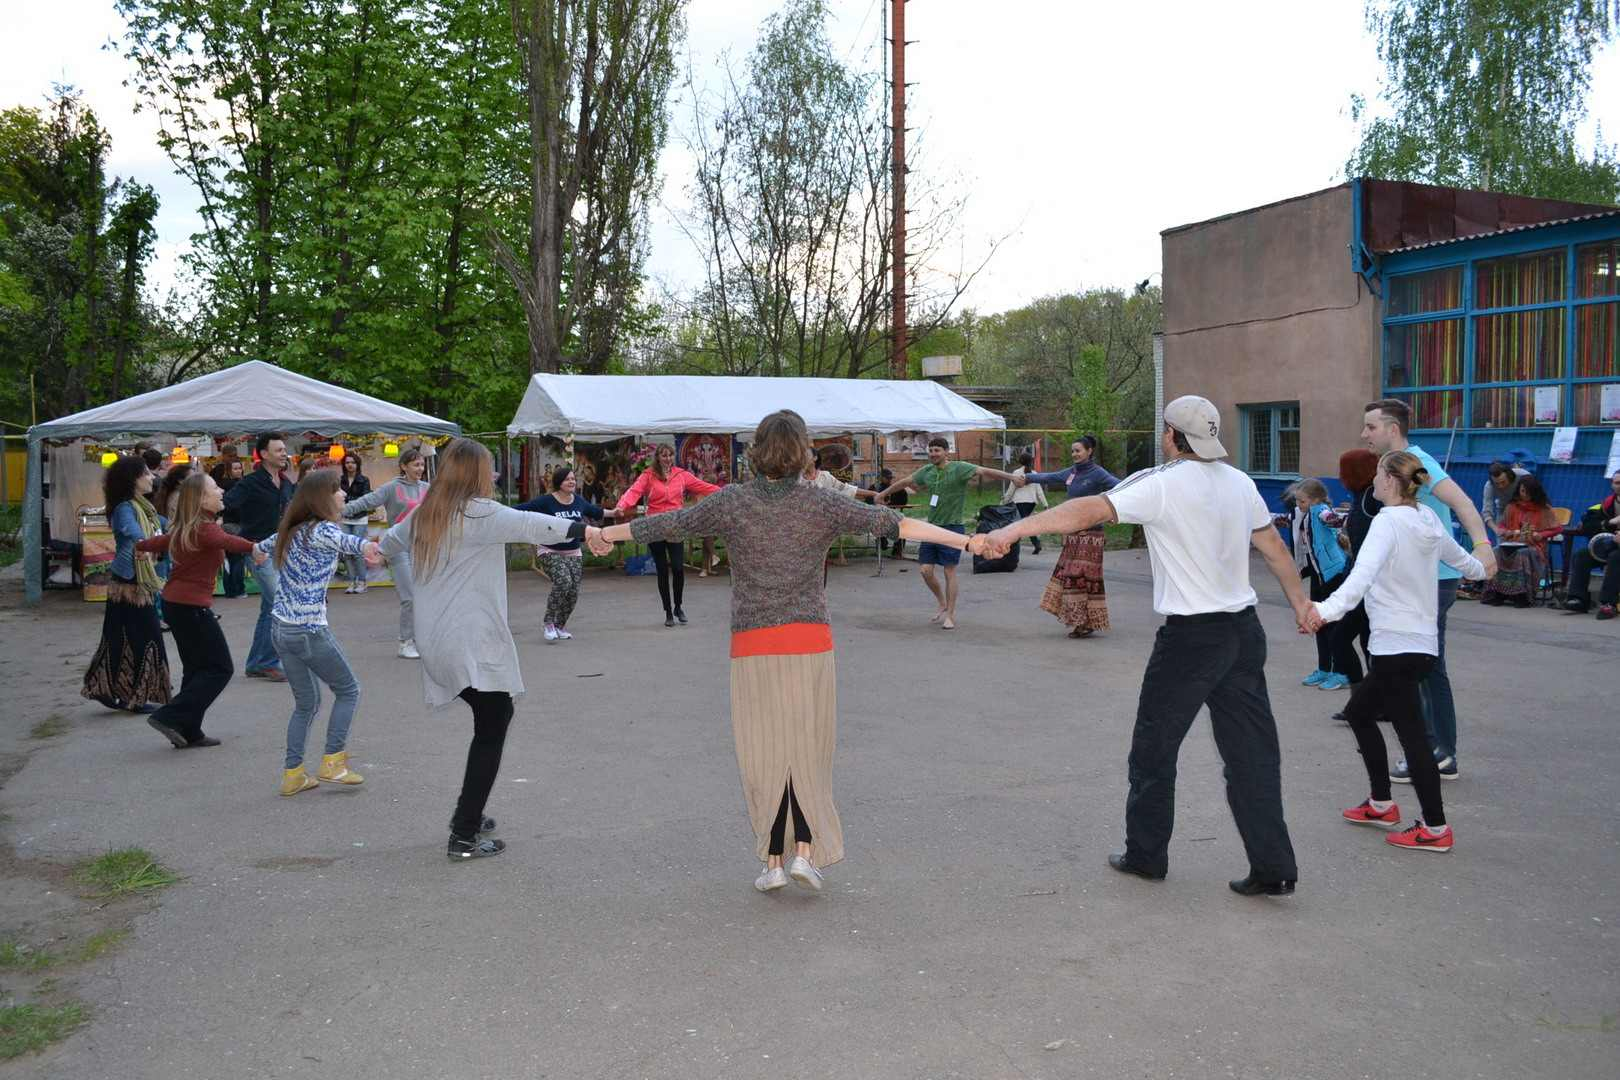 спиритическое действие или танцы под народную музыку. фестиваль тавале